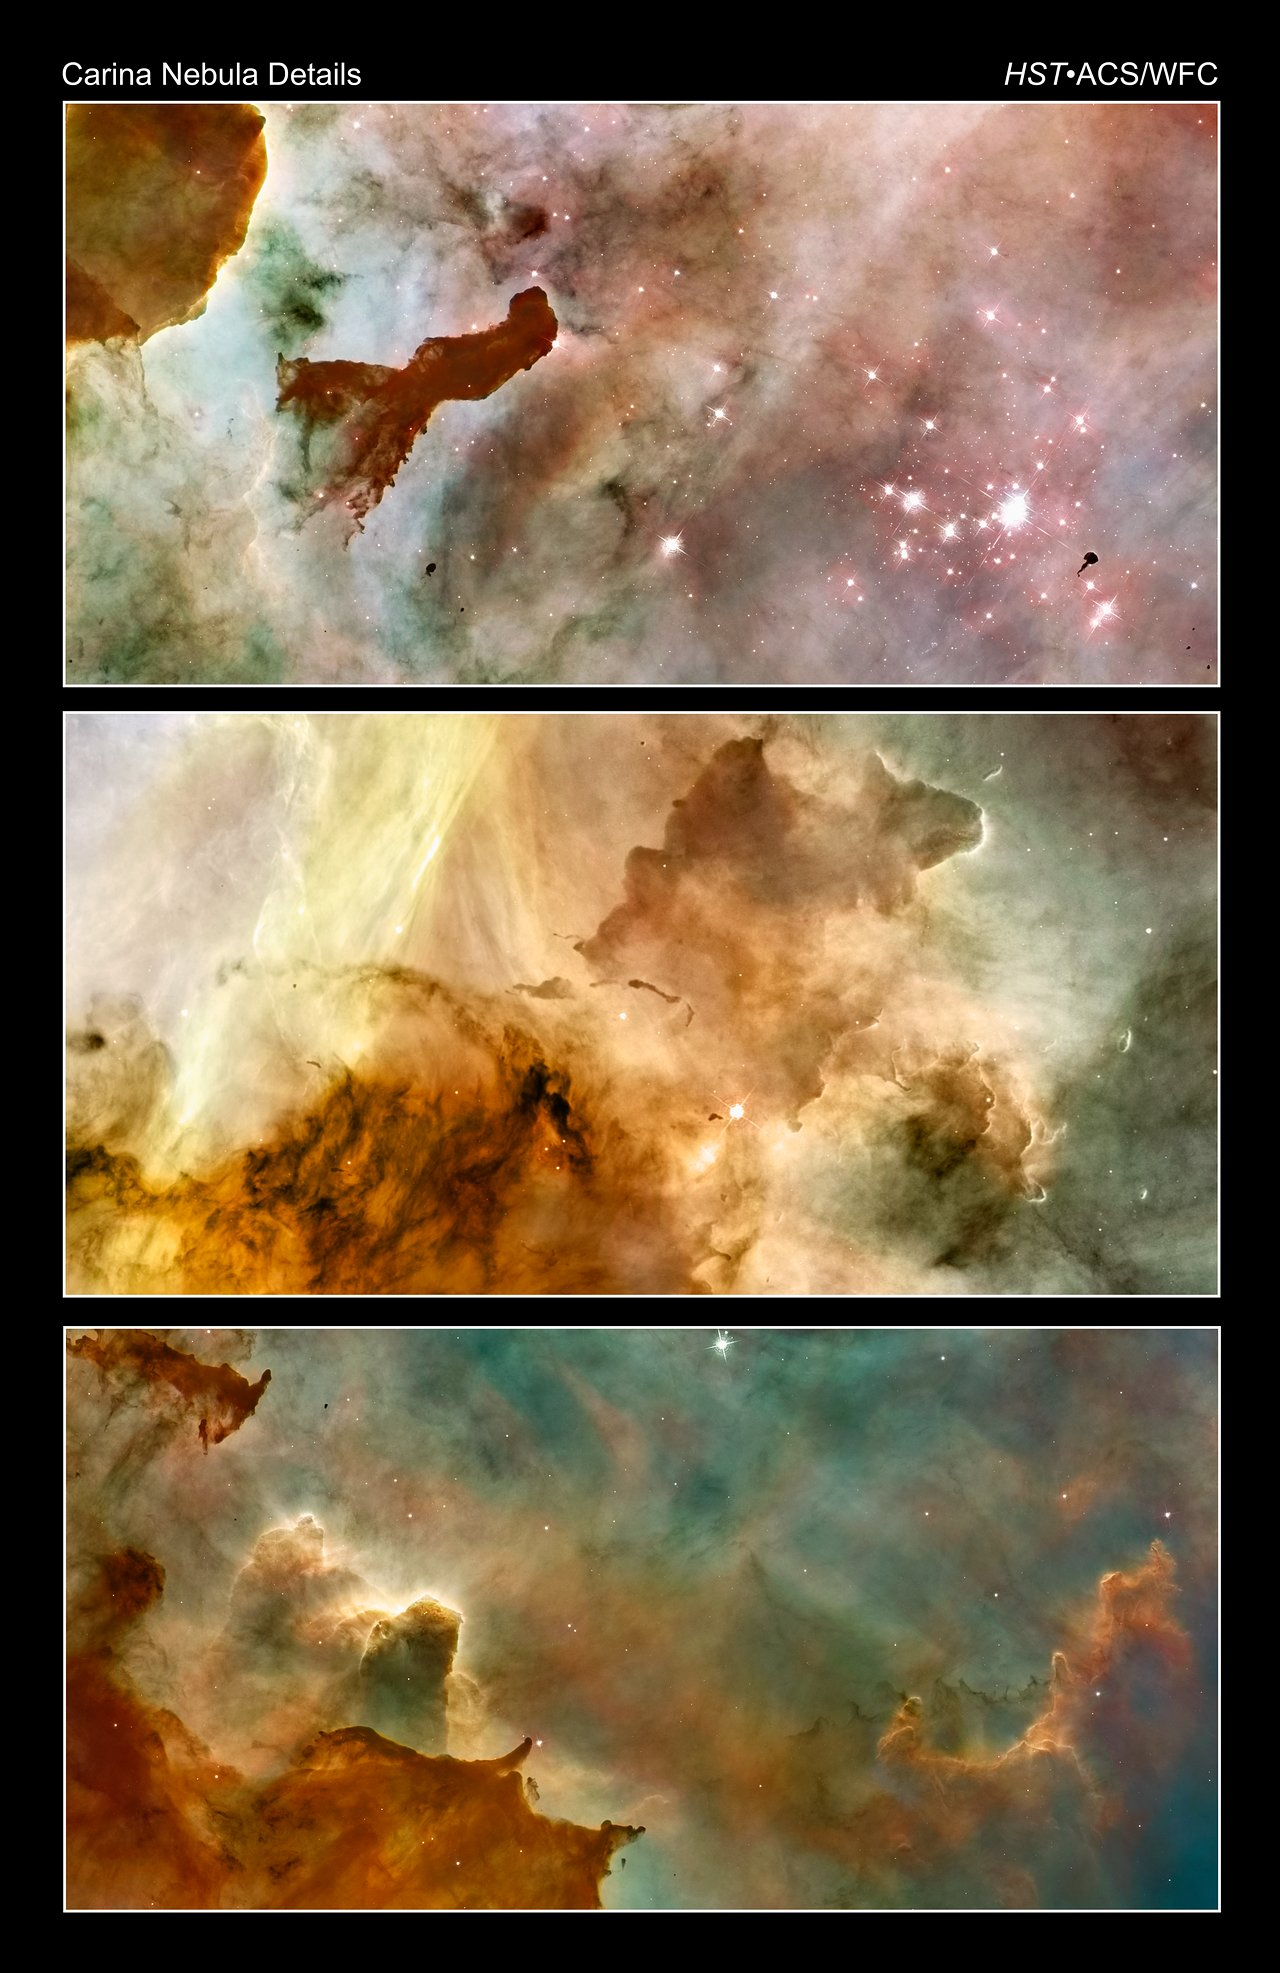 Carina Nebula landscapes